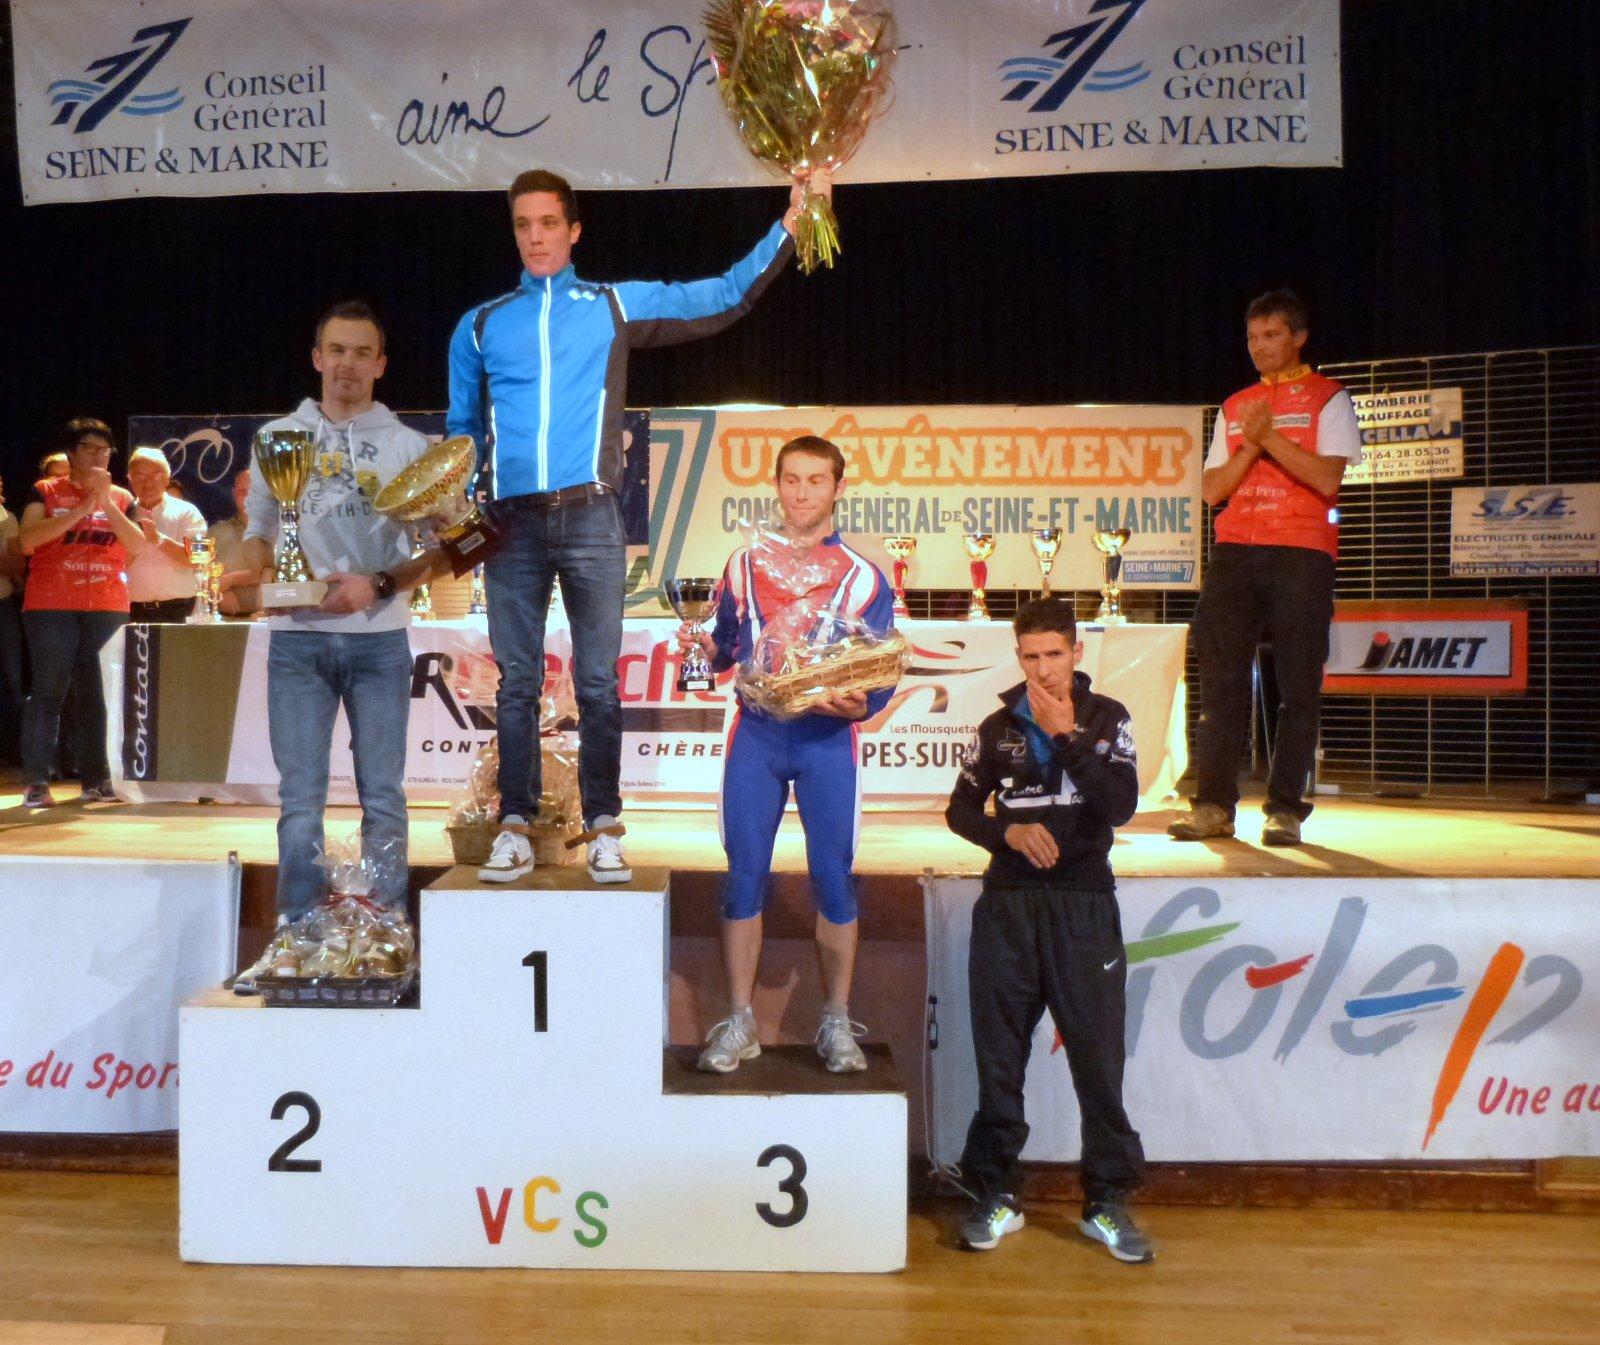 le podium 2014 scratch individuel avec 1erjulien grosjant de senart triathlon 2eme frederic lubach du PCO 3eme laurent martinou US metro au pied du podium  hassan issengar infosport 5°